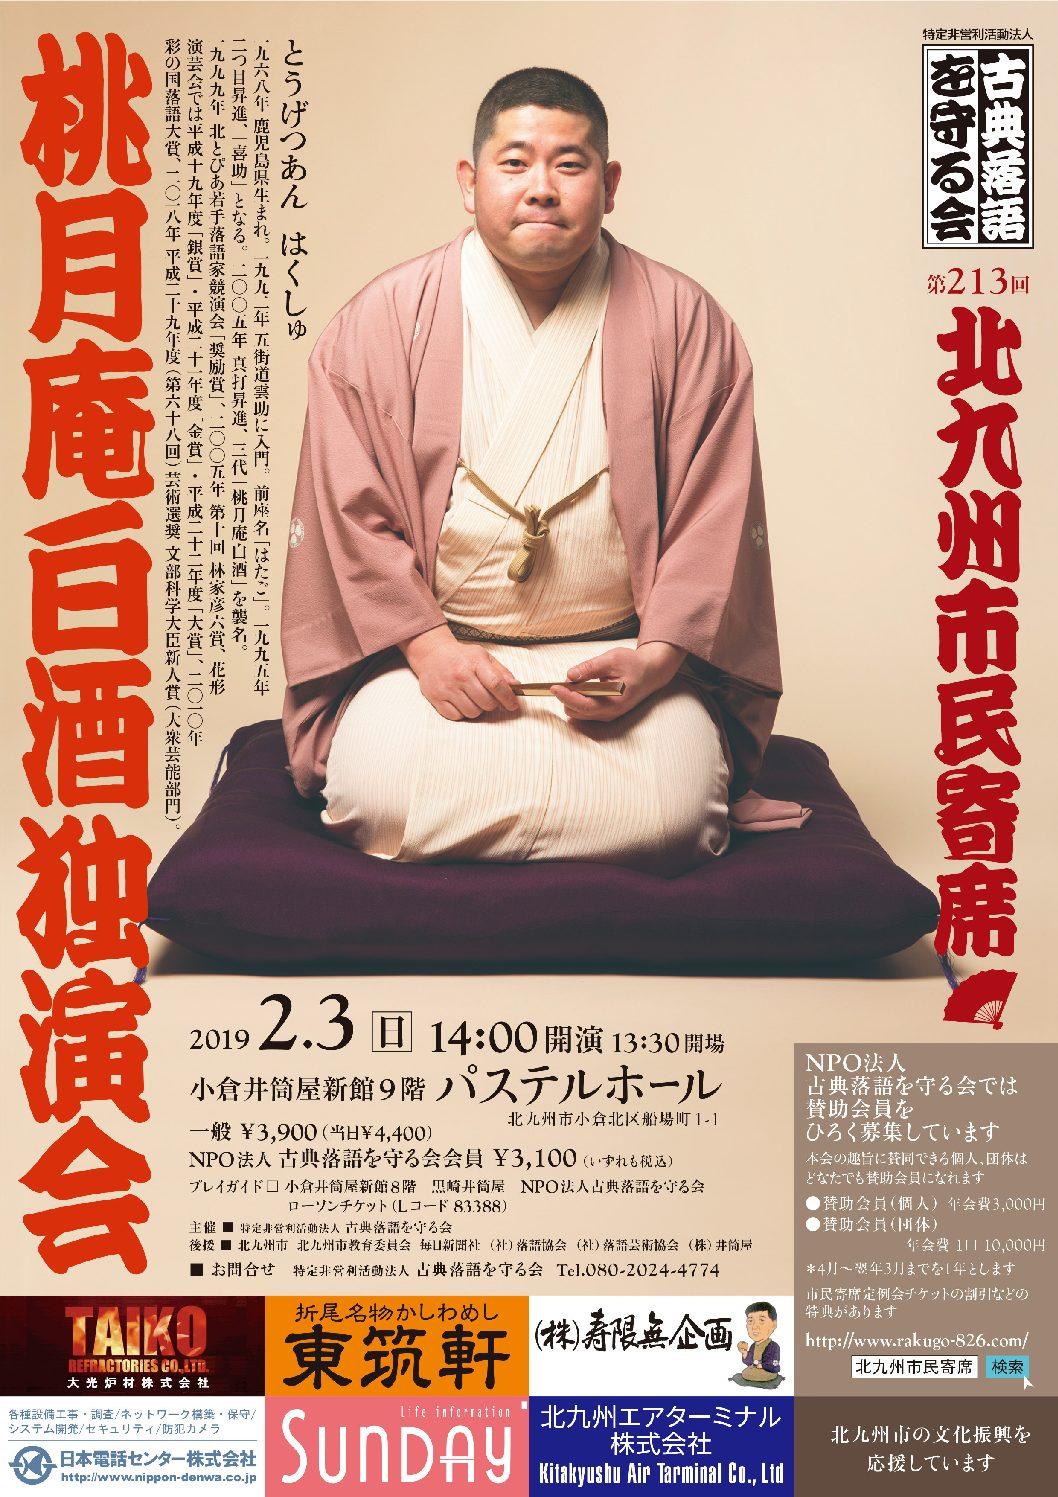 【2月3日開催】第213回北九州市民寄席 桃月庵白酒独演会